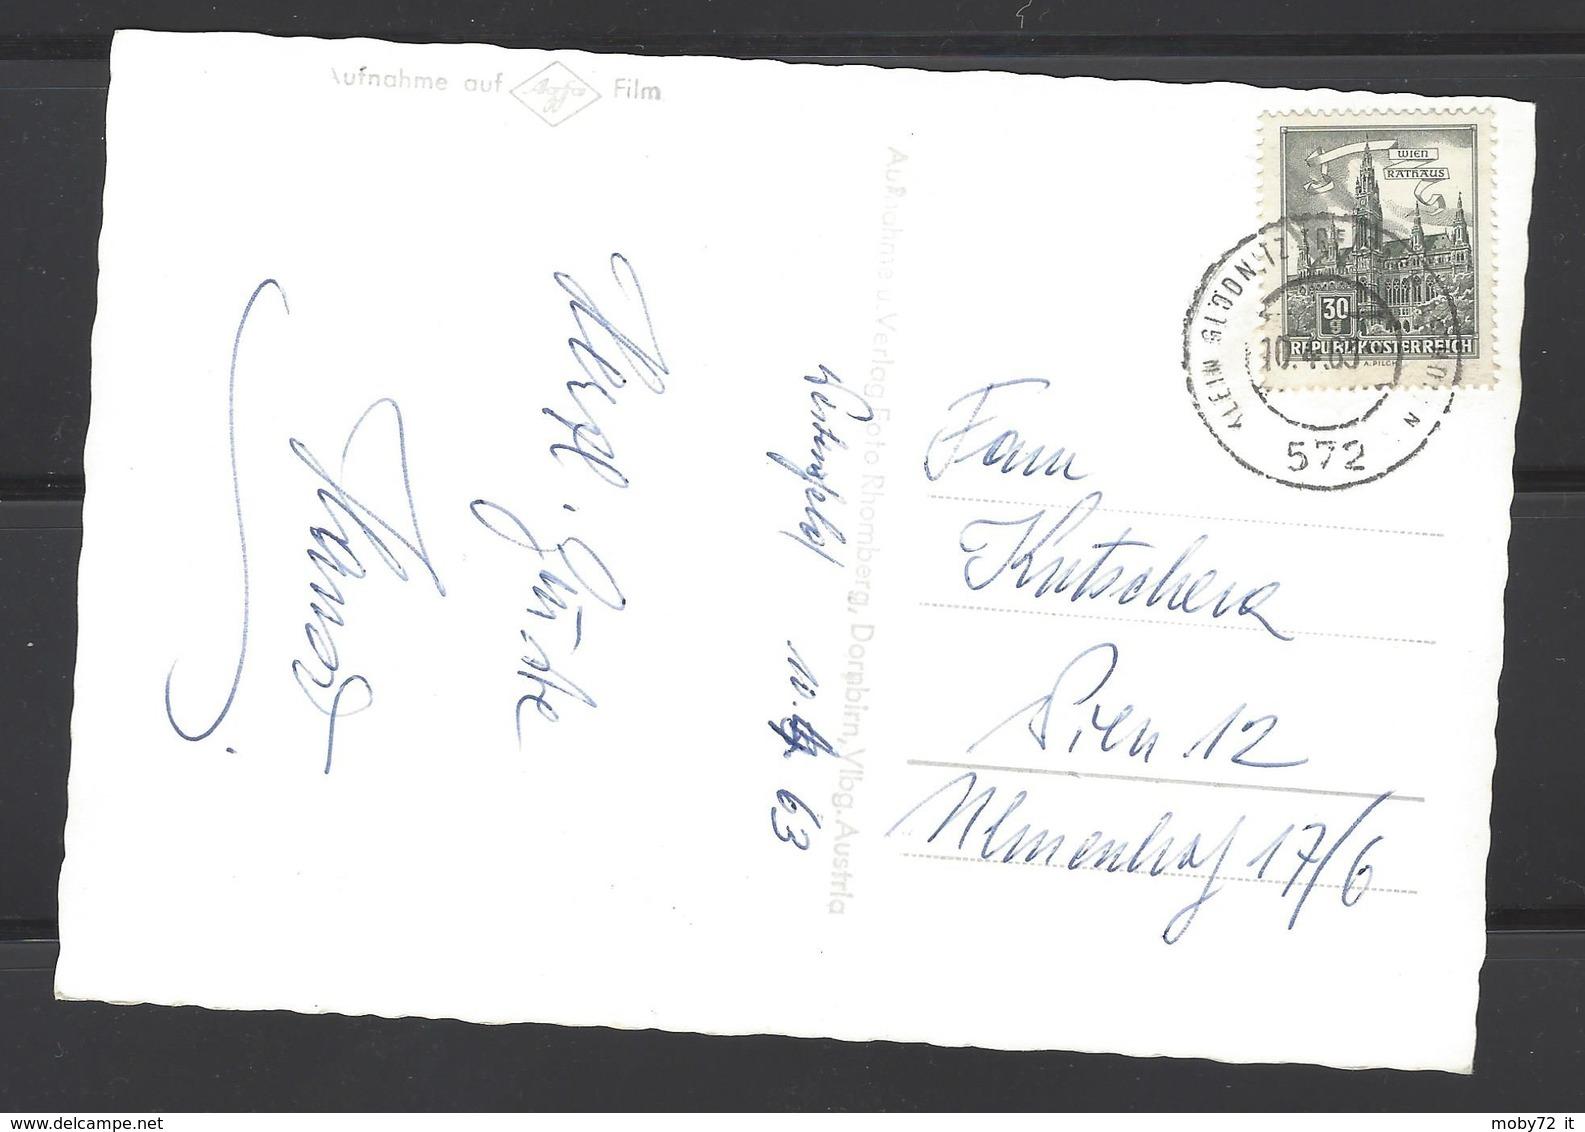 Austria - 1963 - Bahnpost 572 - Turkenbrunnen In Weltensfeld Im Gurktal Karnten - 1961-70 Brieven